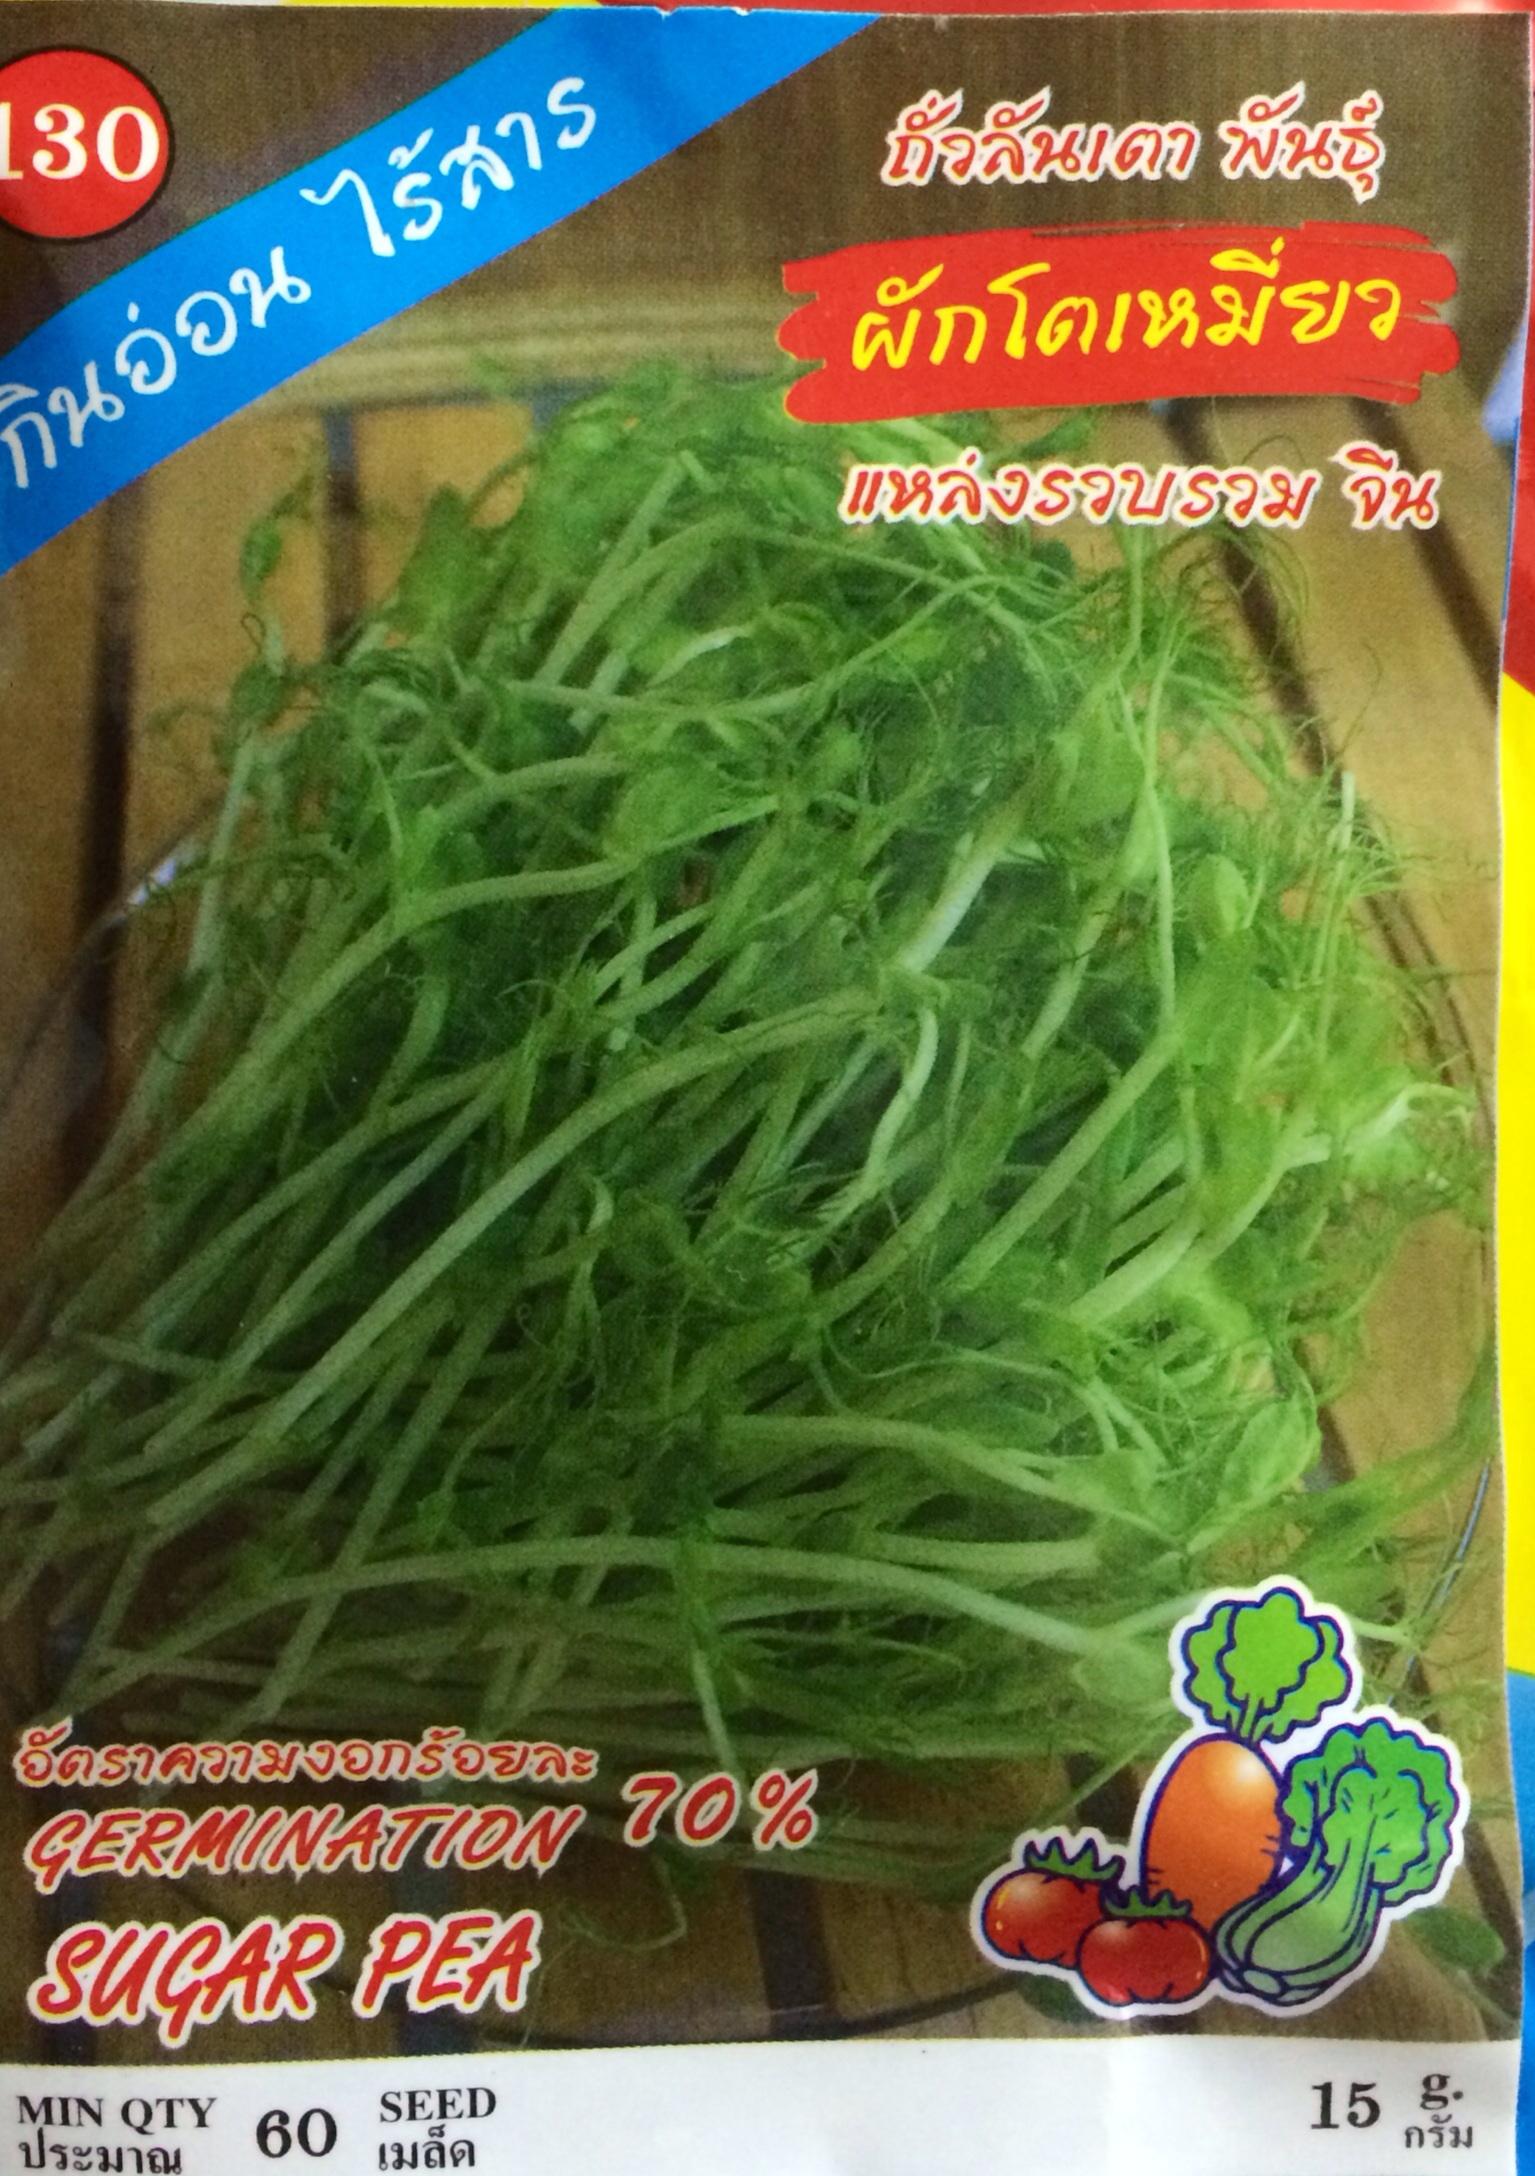 โตเมียว(ต้นอ่อนถั่วลันเตา) 10กรัม